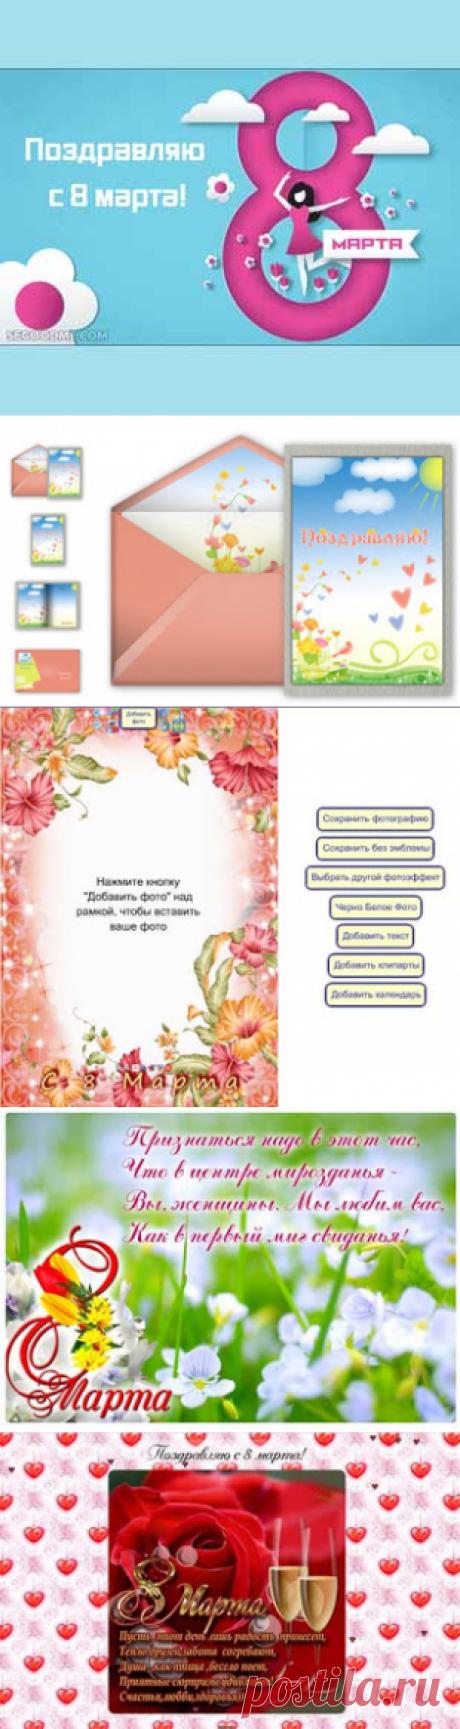 Создать открытку к 8 марта онлайн